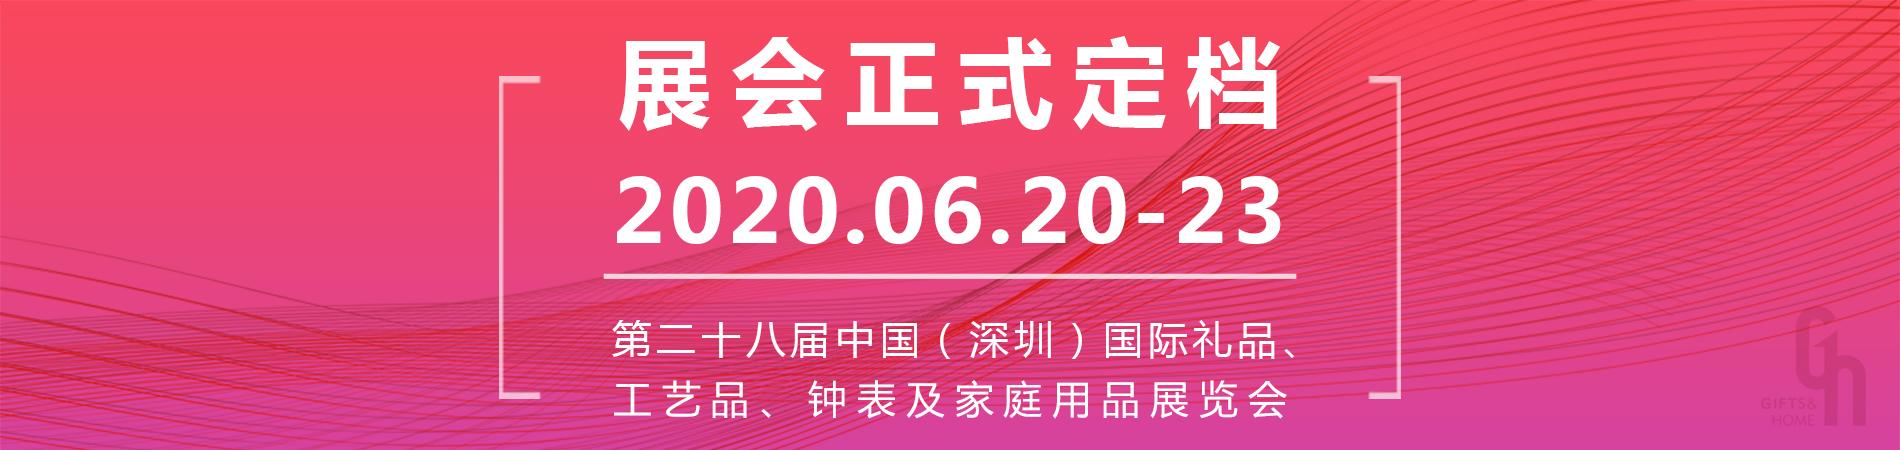 延期banner-6月.jpg